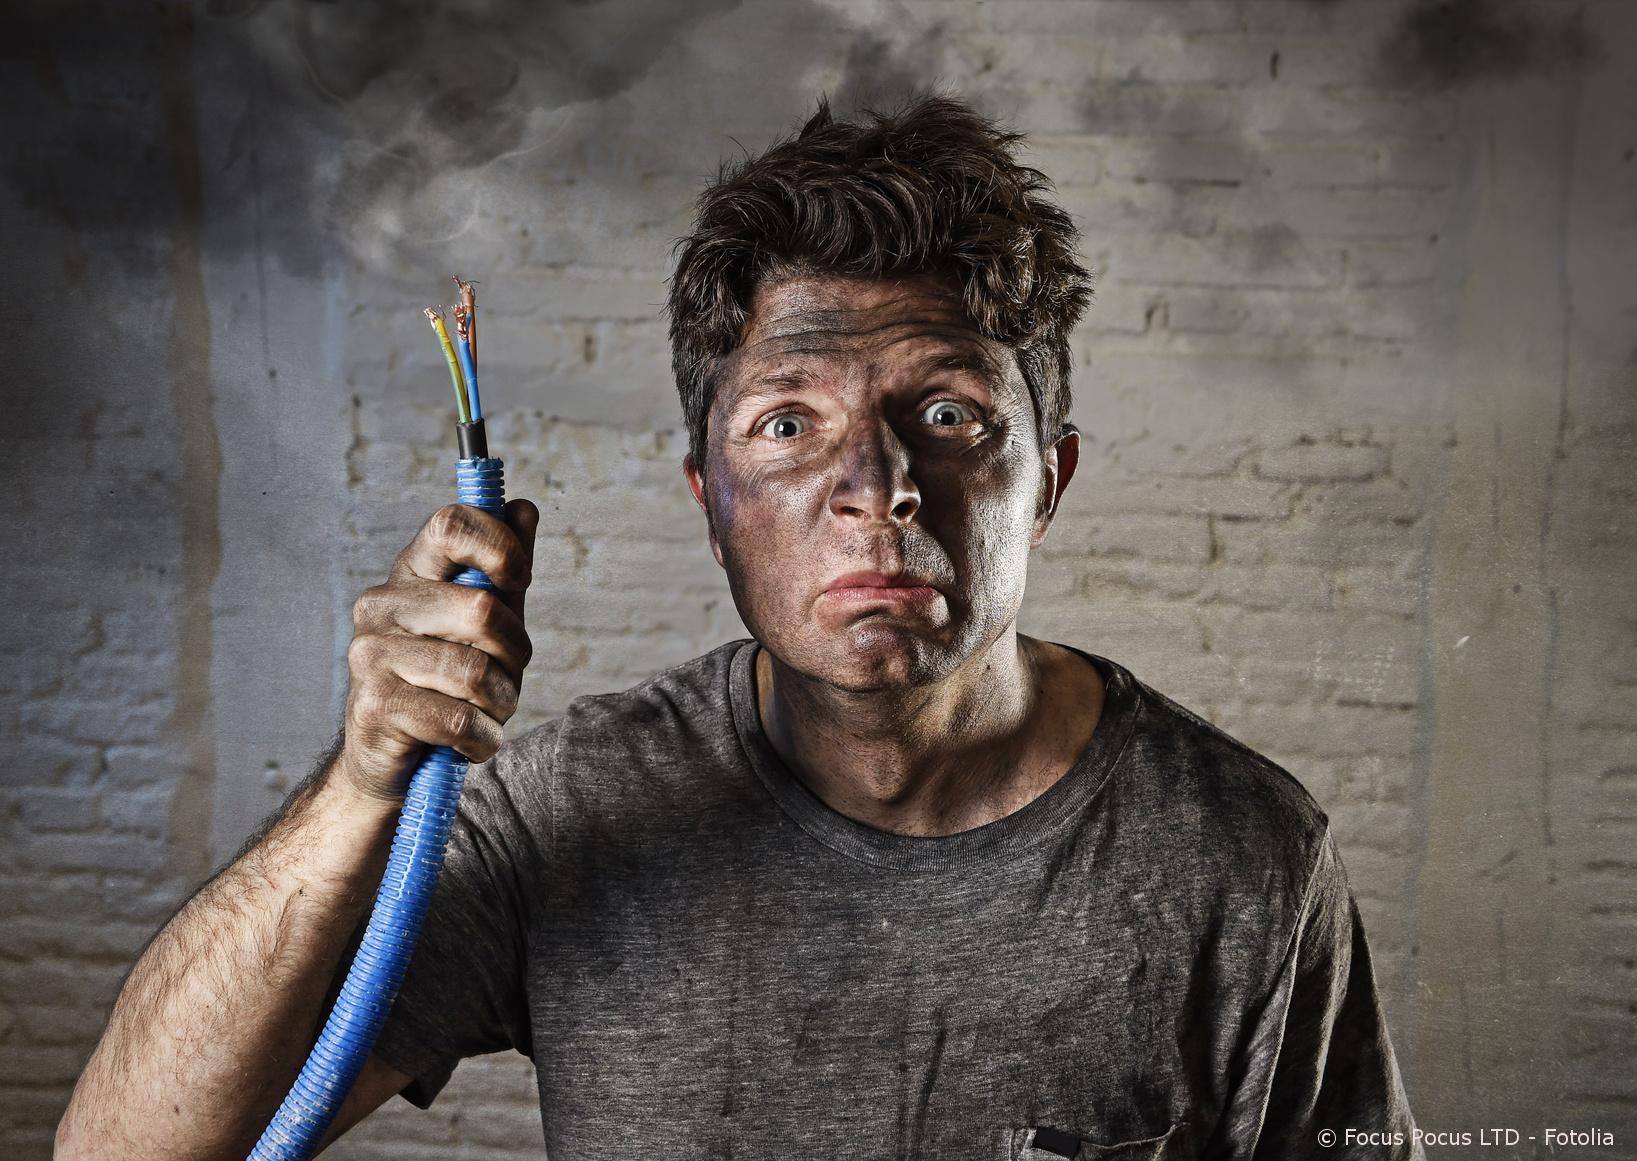 Stromunfälle im Haushalt vermeiden - Elektriker und ...